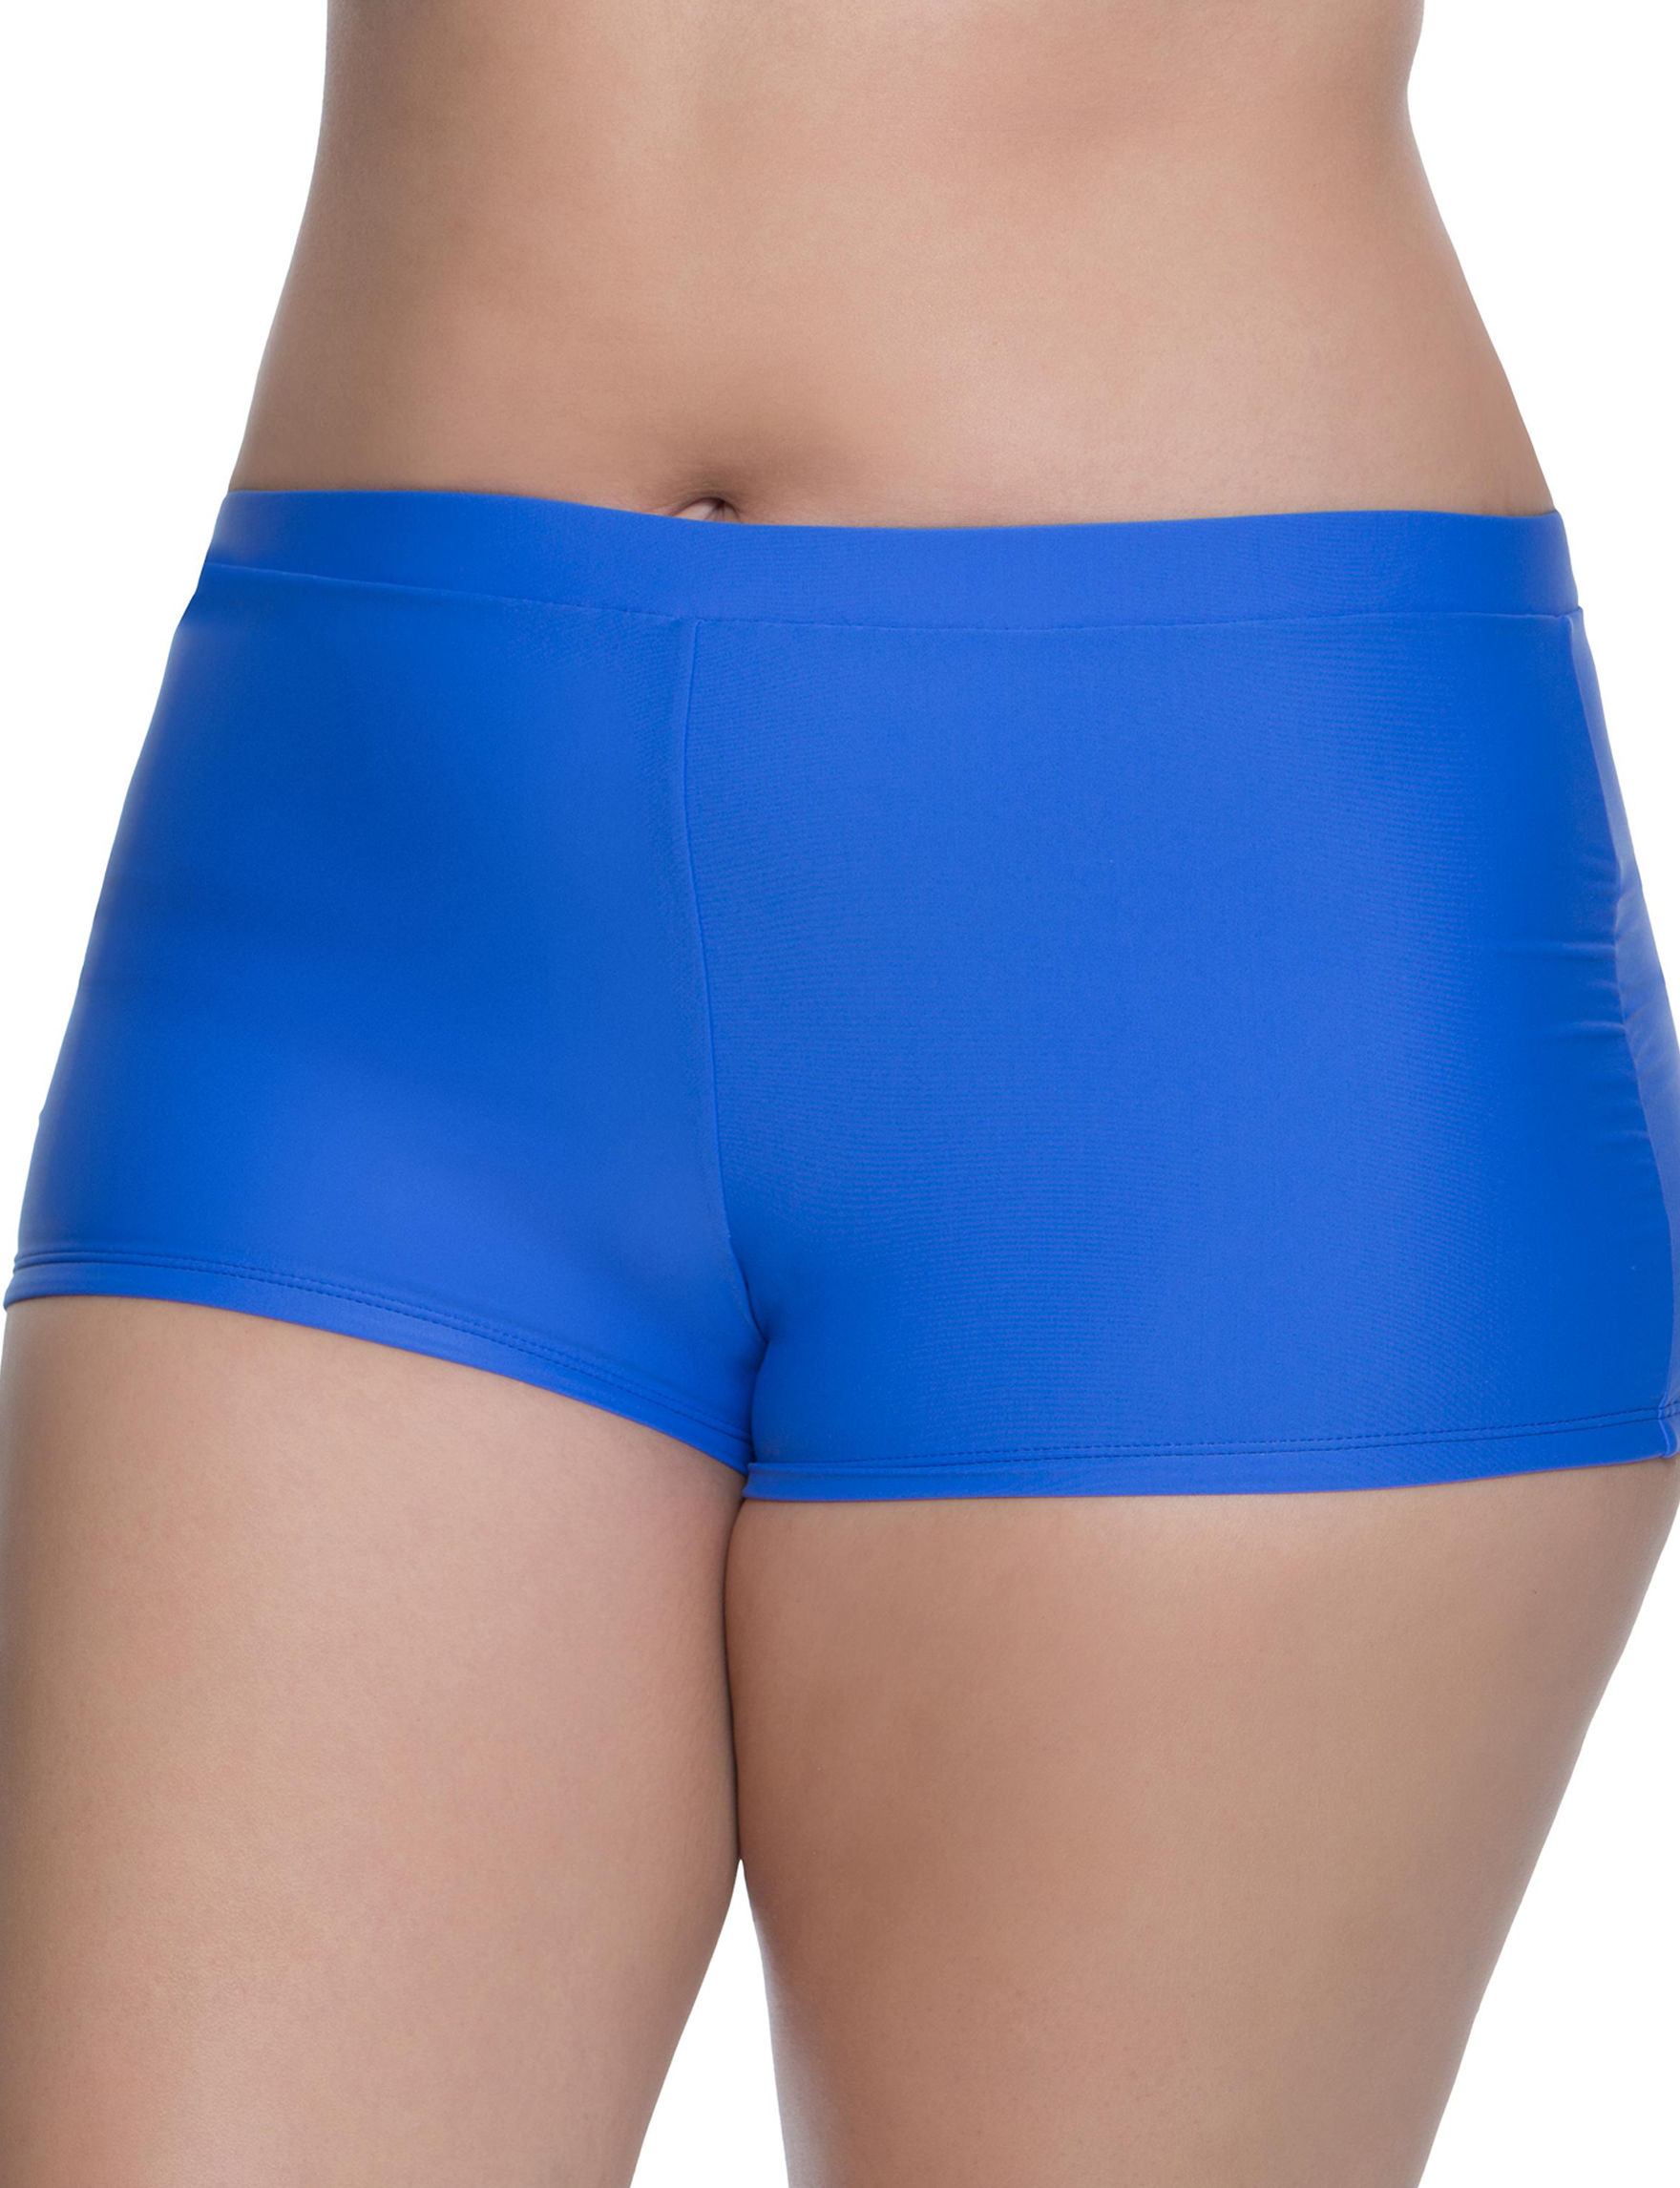 Polka Dot Cobalt Blue Swimsuit Bottoms Boyshort